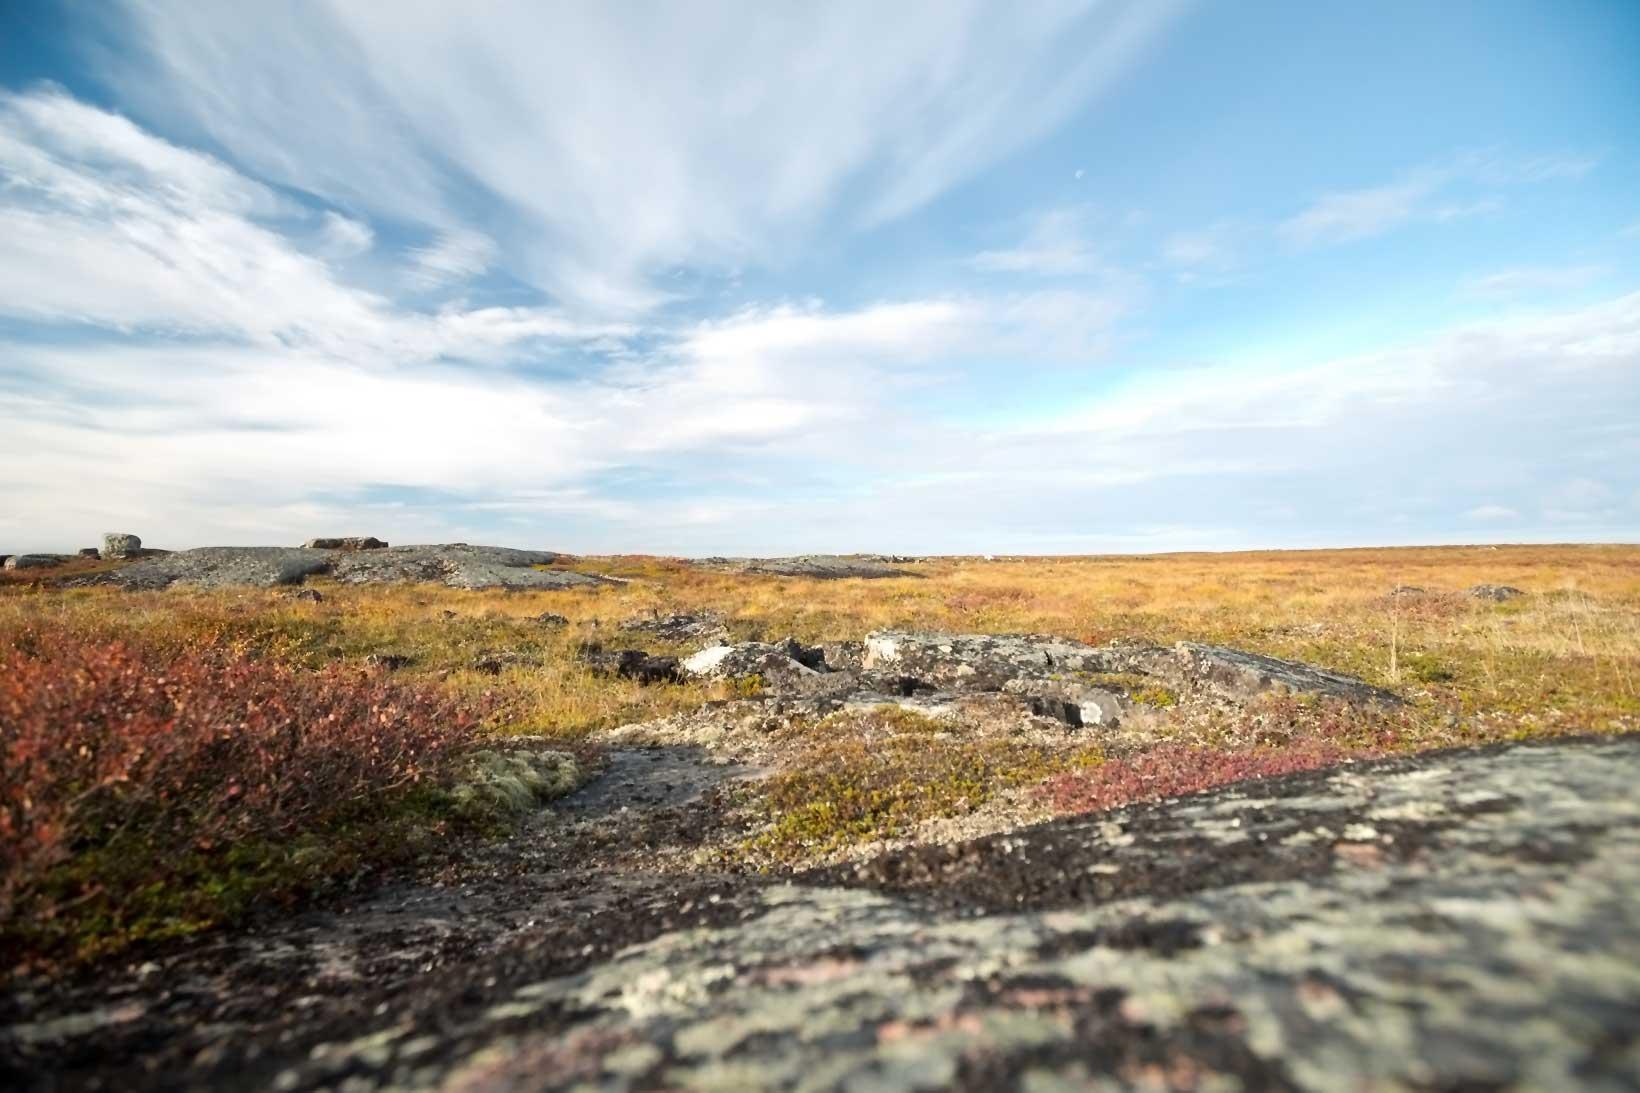 Nunavut landscape